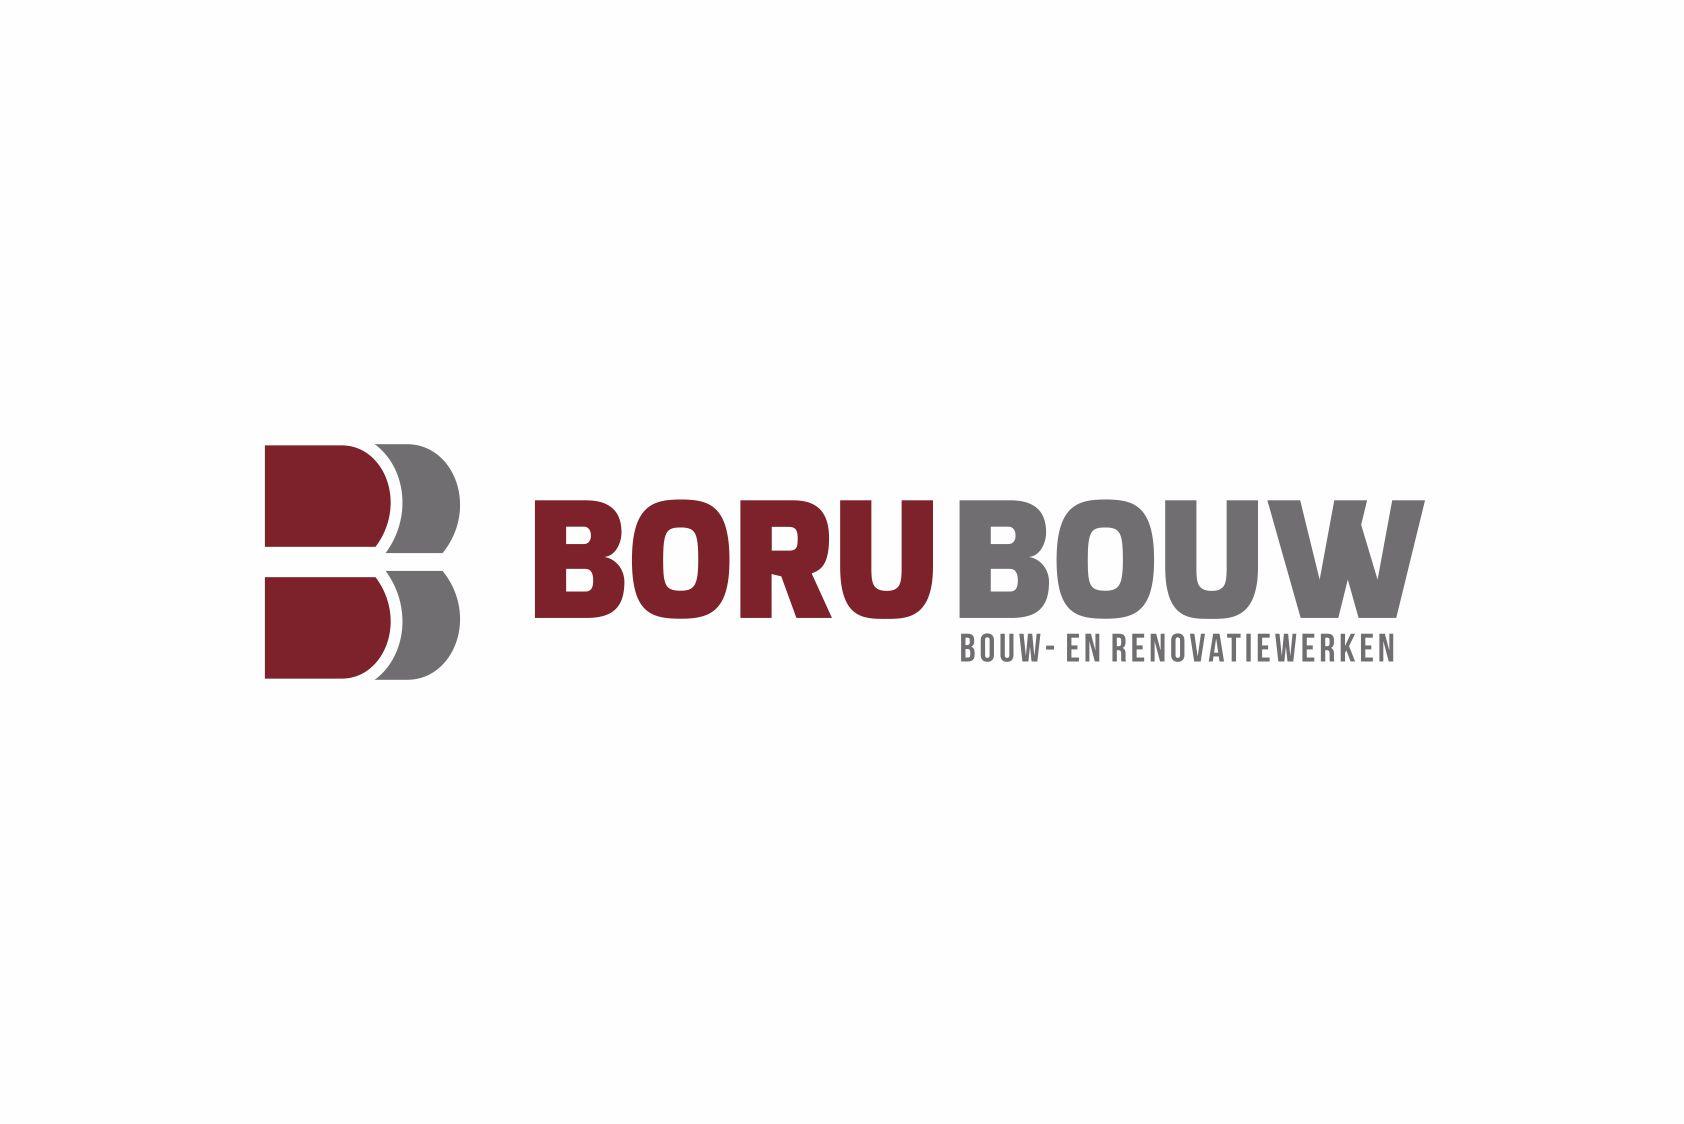 Boru Bouw